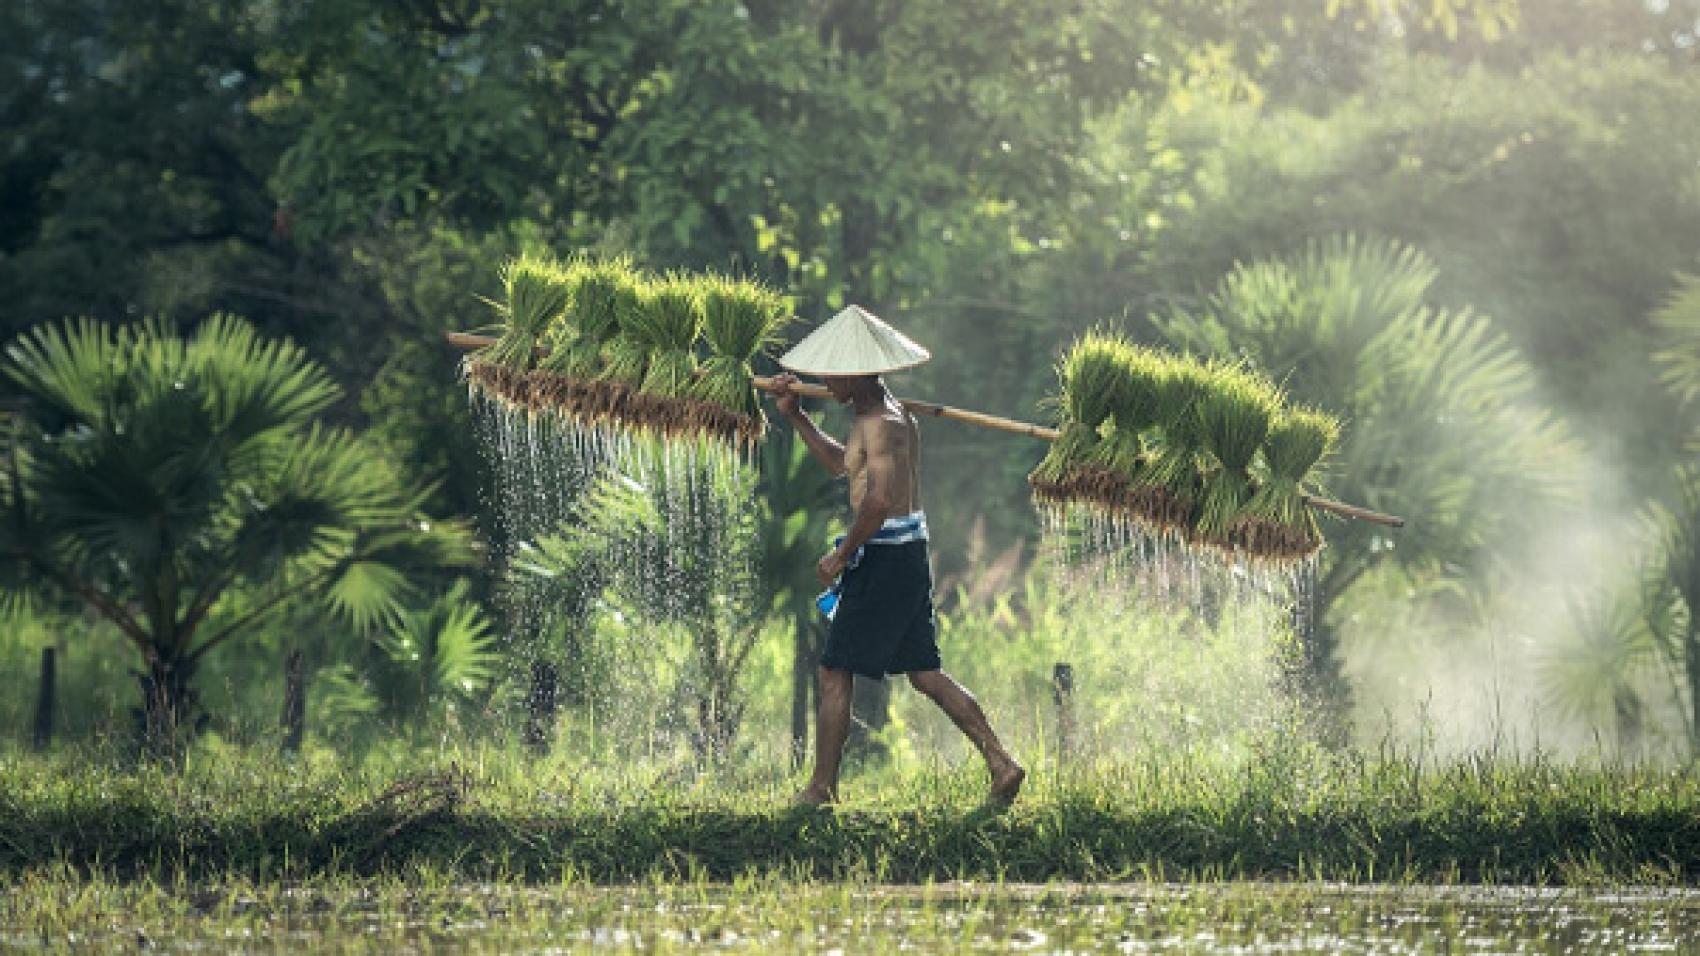 the-social-impact-of-microfinance-mfis-in-myanmar-banner